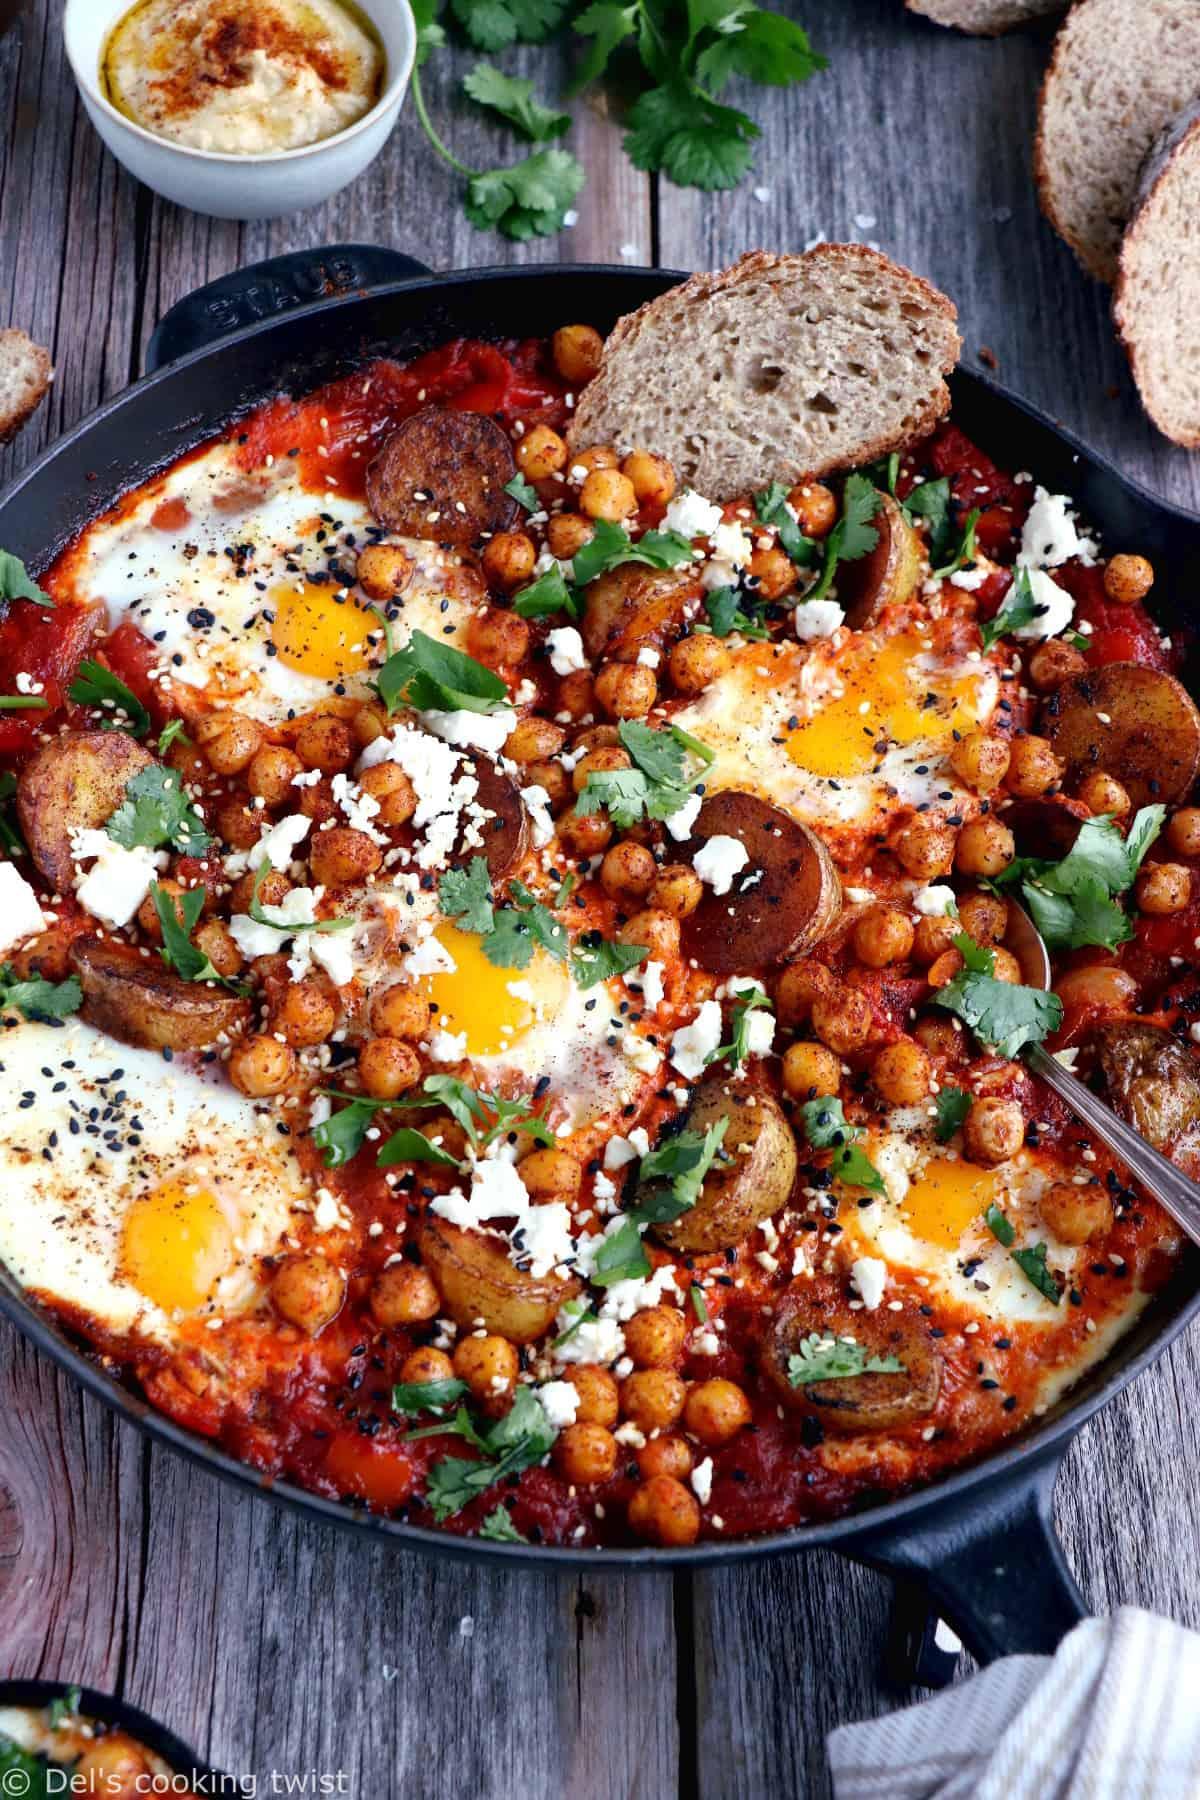 Une shakshuka en version deluxe, avec une base d'oeufs pochés plongés dans une sauce tomate aux oignons, le tout réhaussé de pommes de terres et pois chiches épicés.